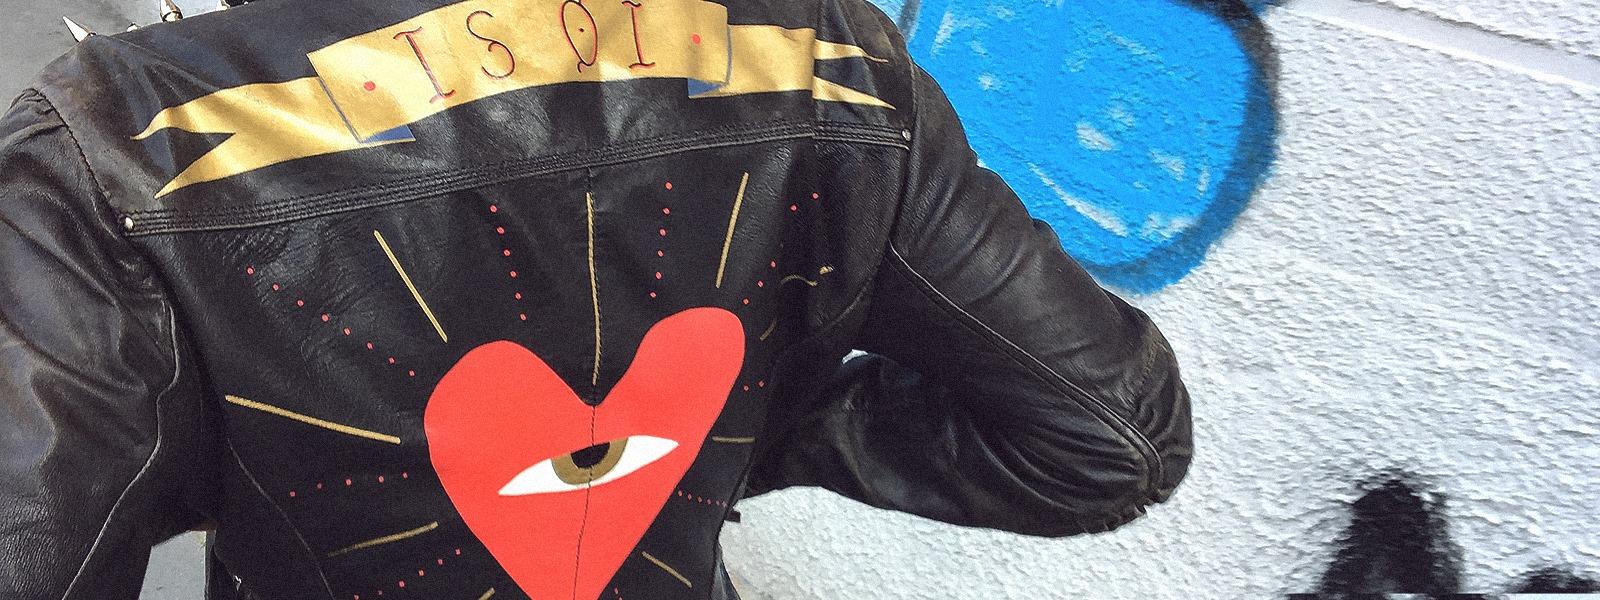 Isoì: il laboratorio creativo indipendente nel cuore di Milano – Intervista